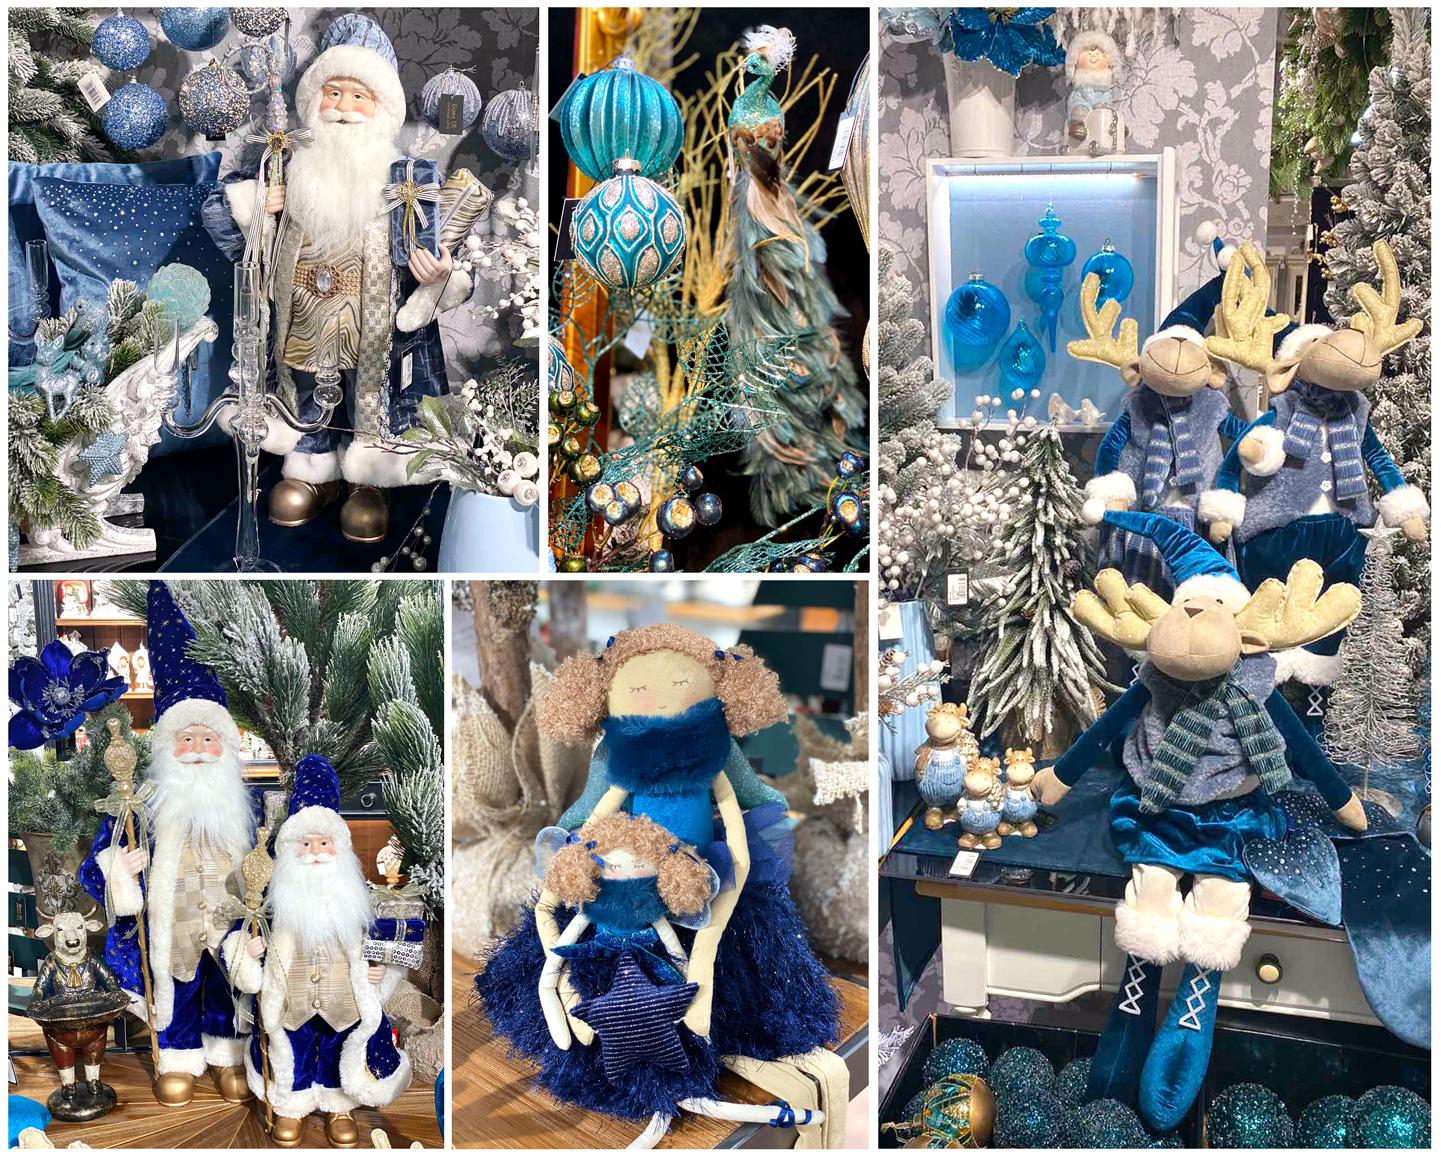 Новогодний декор! Bona di . гирлянды, елки, шары, свечи, сувениры.выкуп 26 ноября.